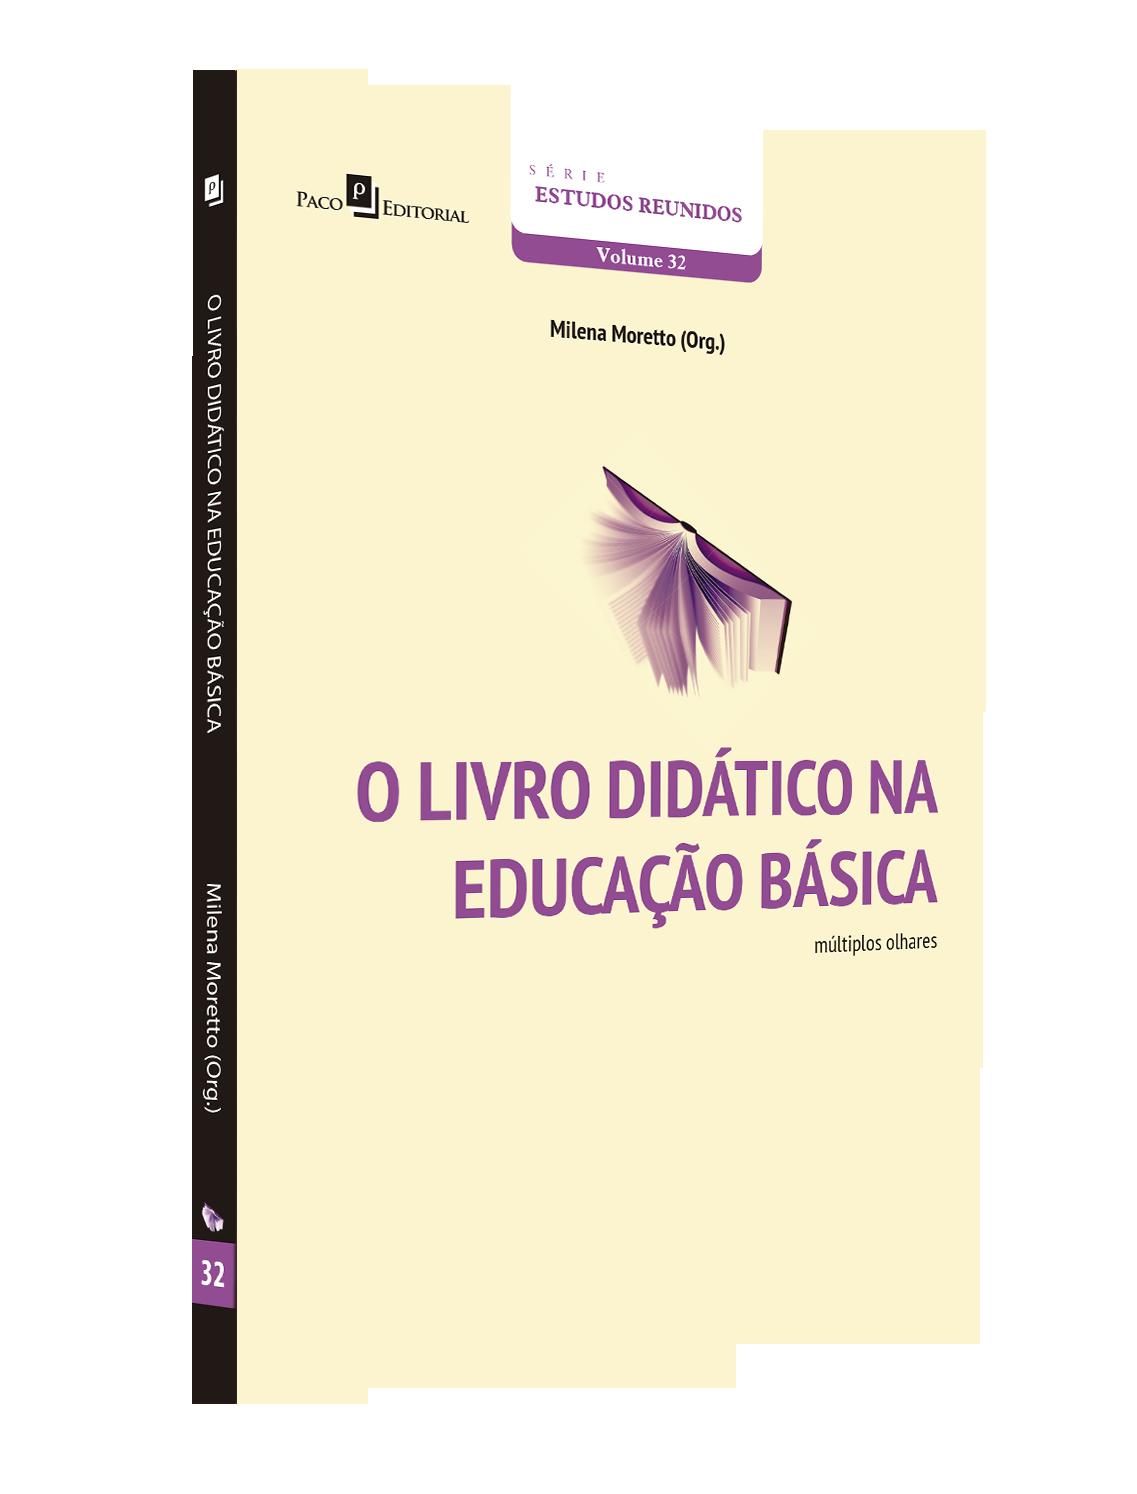 O-livro-didático-na-educação-básica.